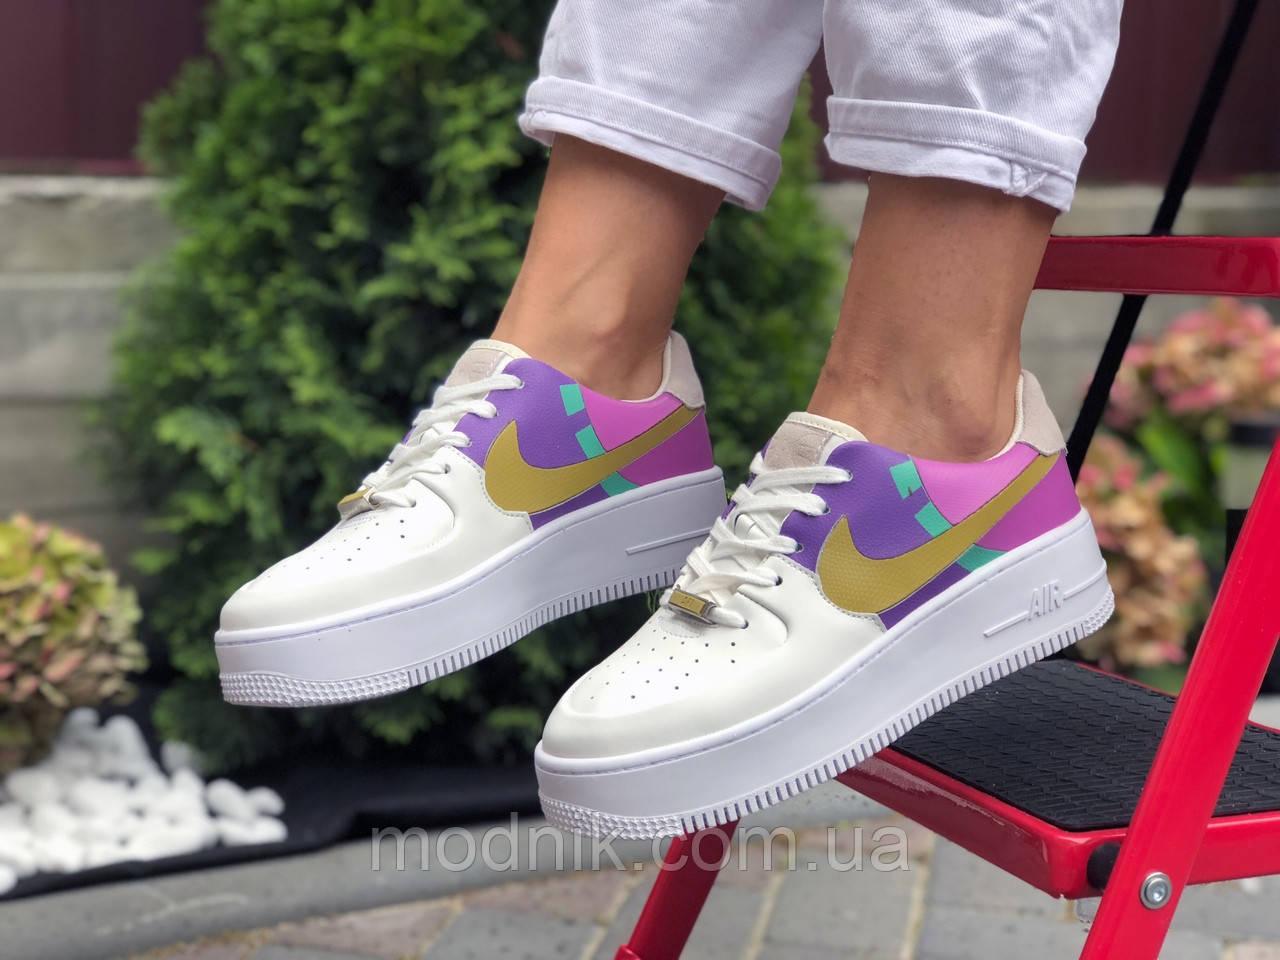 Женские кроссовки Nike Air Force 1 (бело-фиолетовые с розовым) 9681